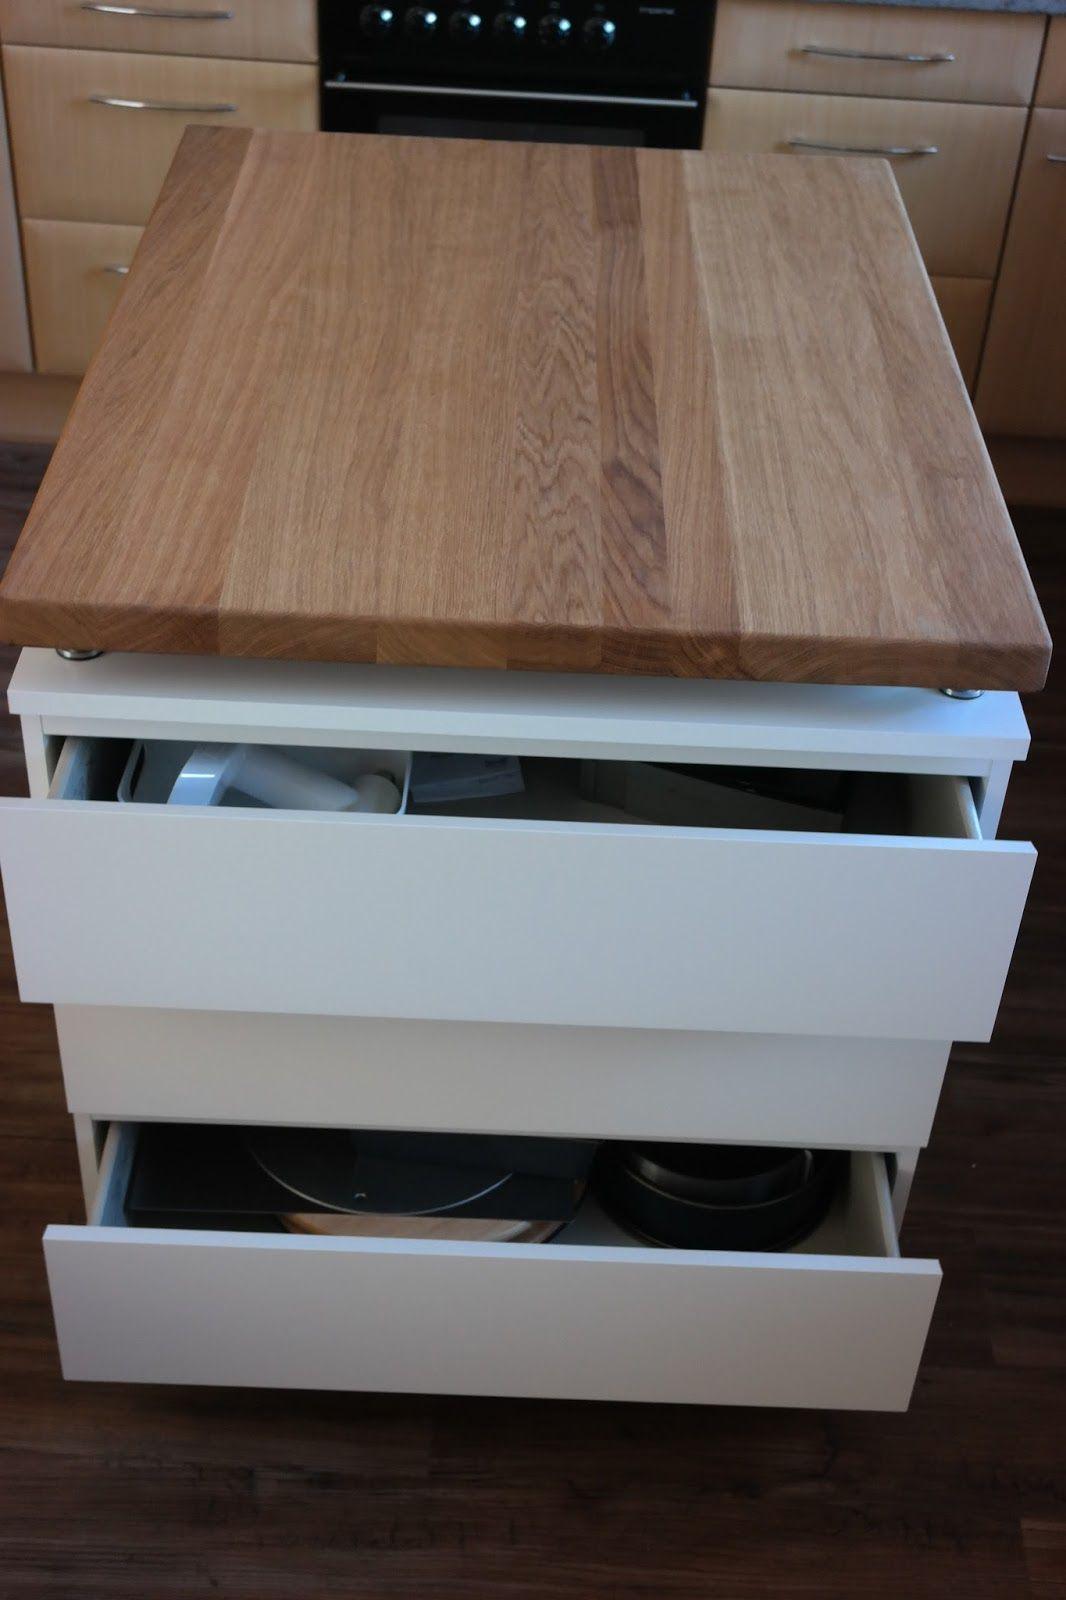 Ikea Kücheninsel | Zuckerfee, Kücheninsel und Geplant